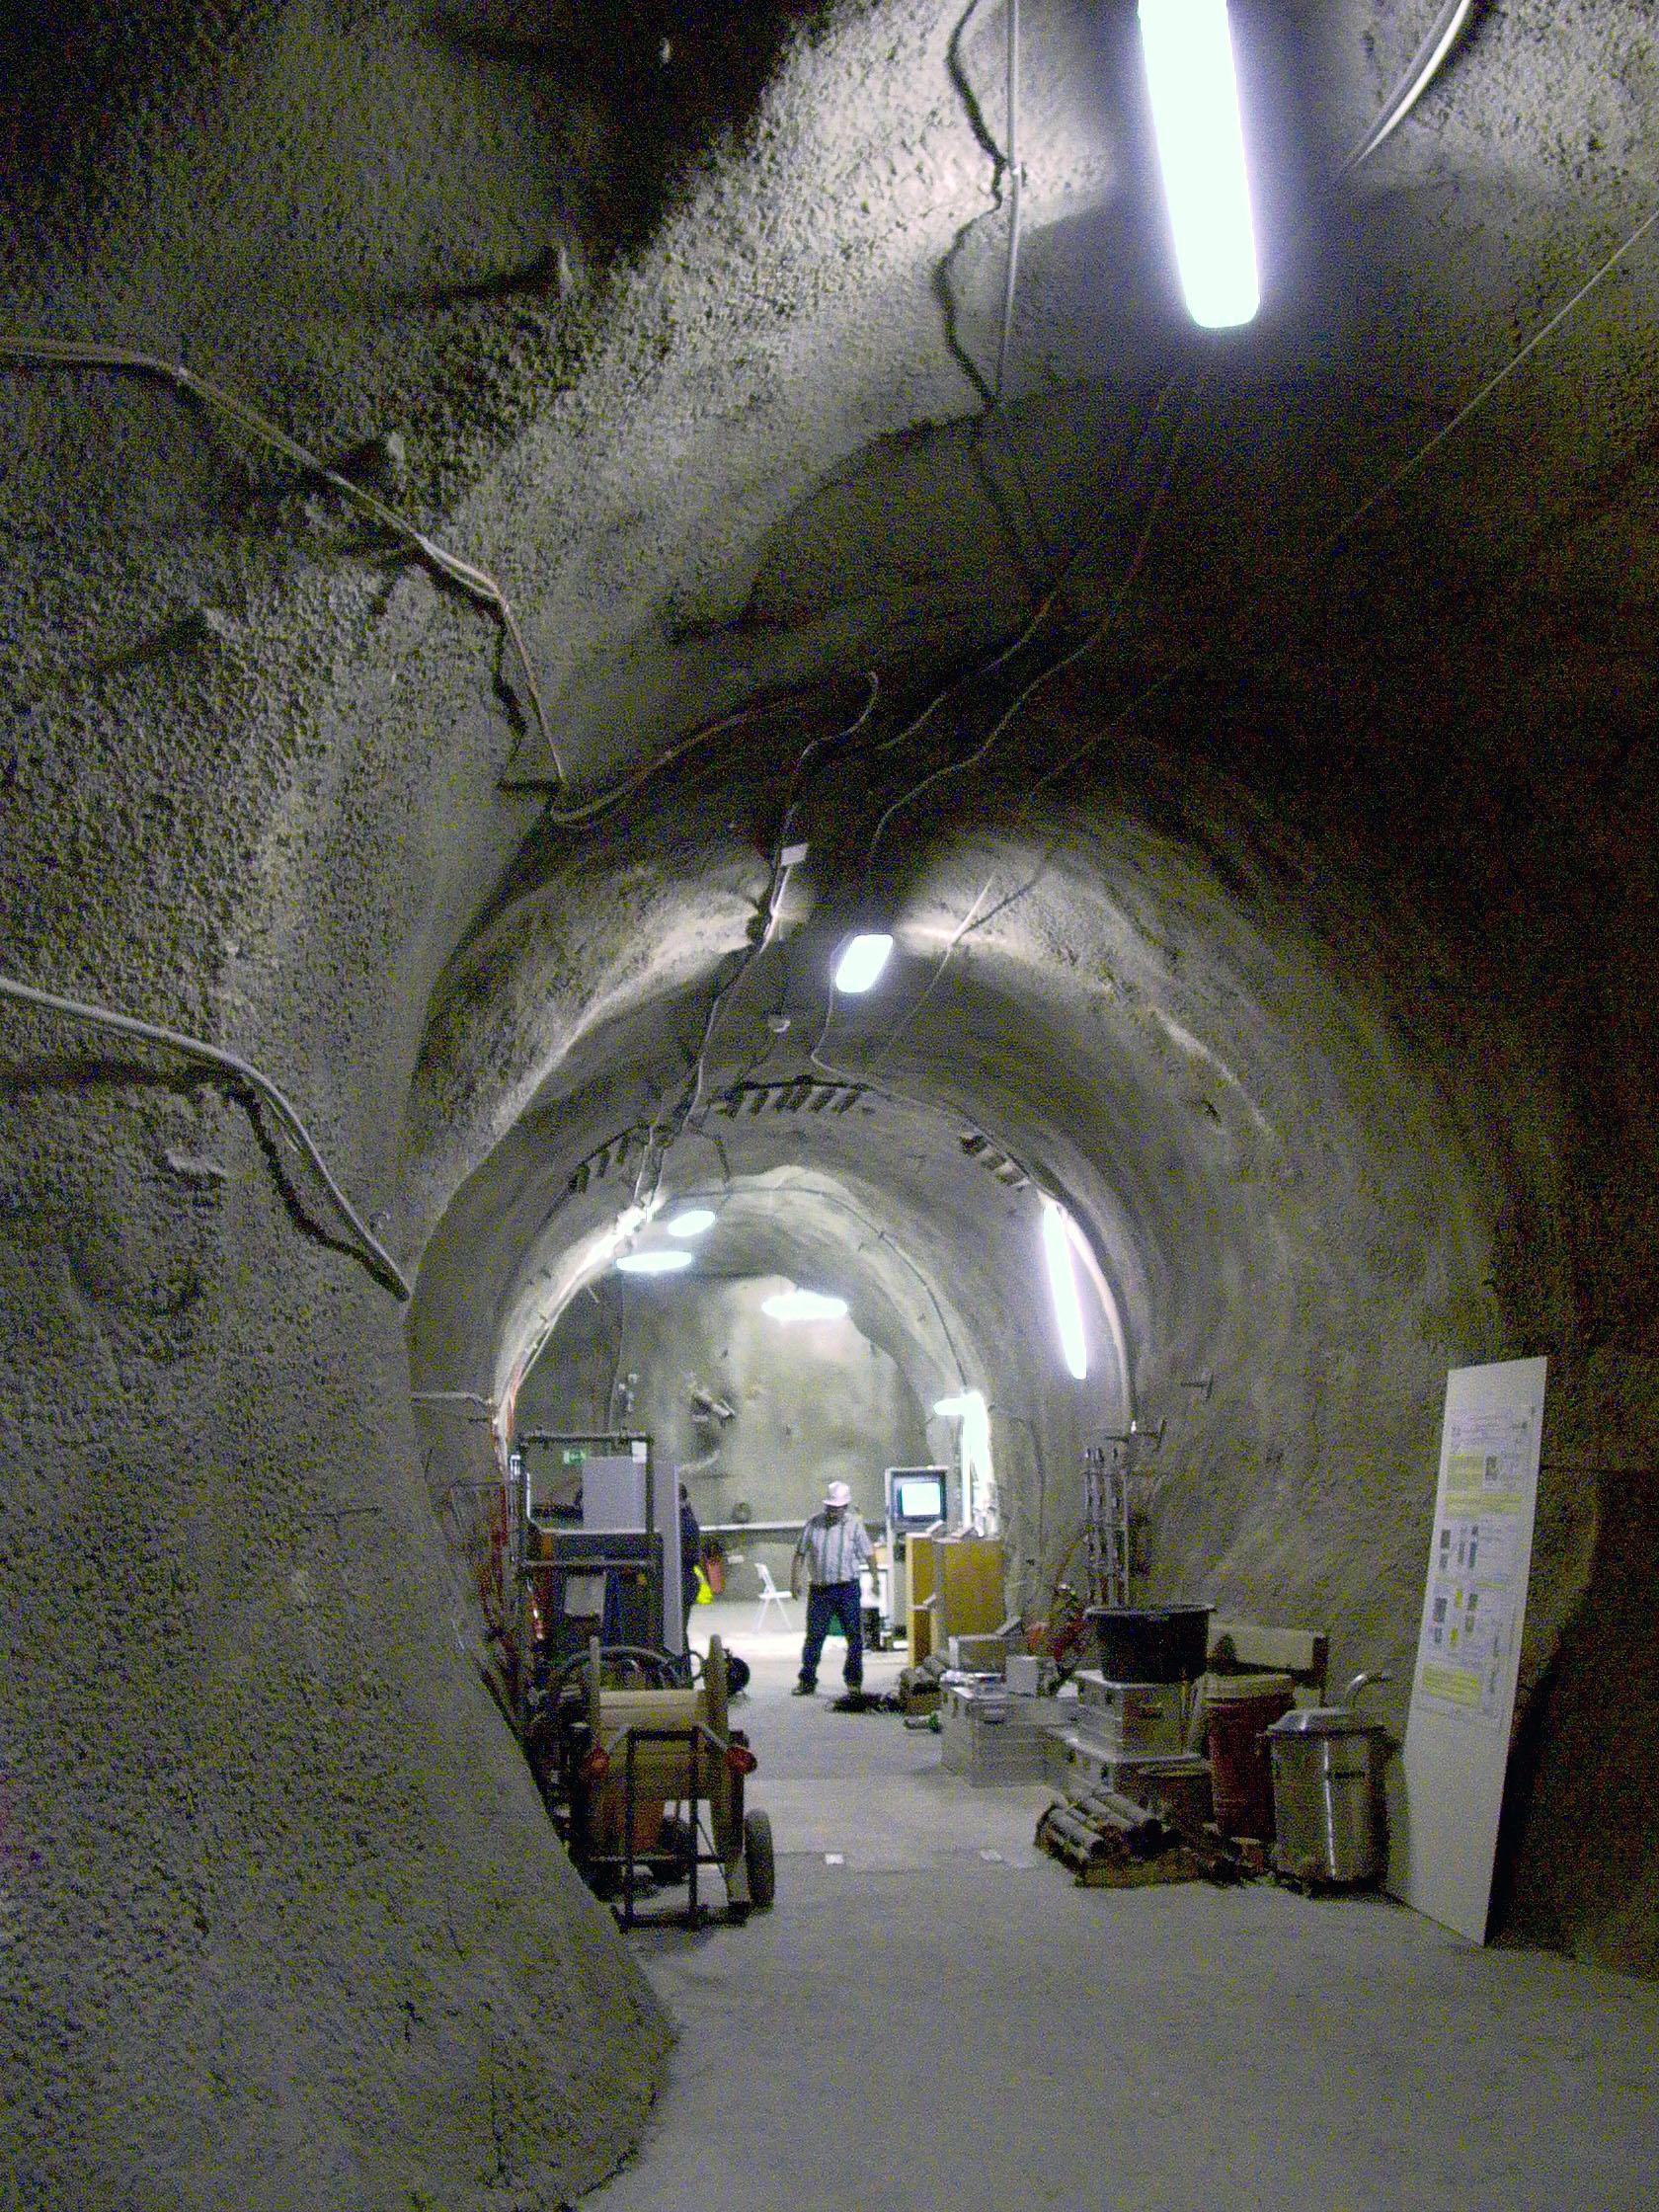 会在地下挖隧道的动物